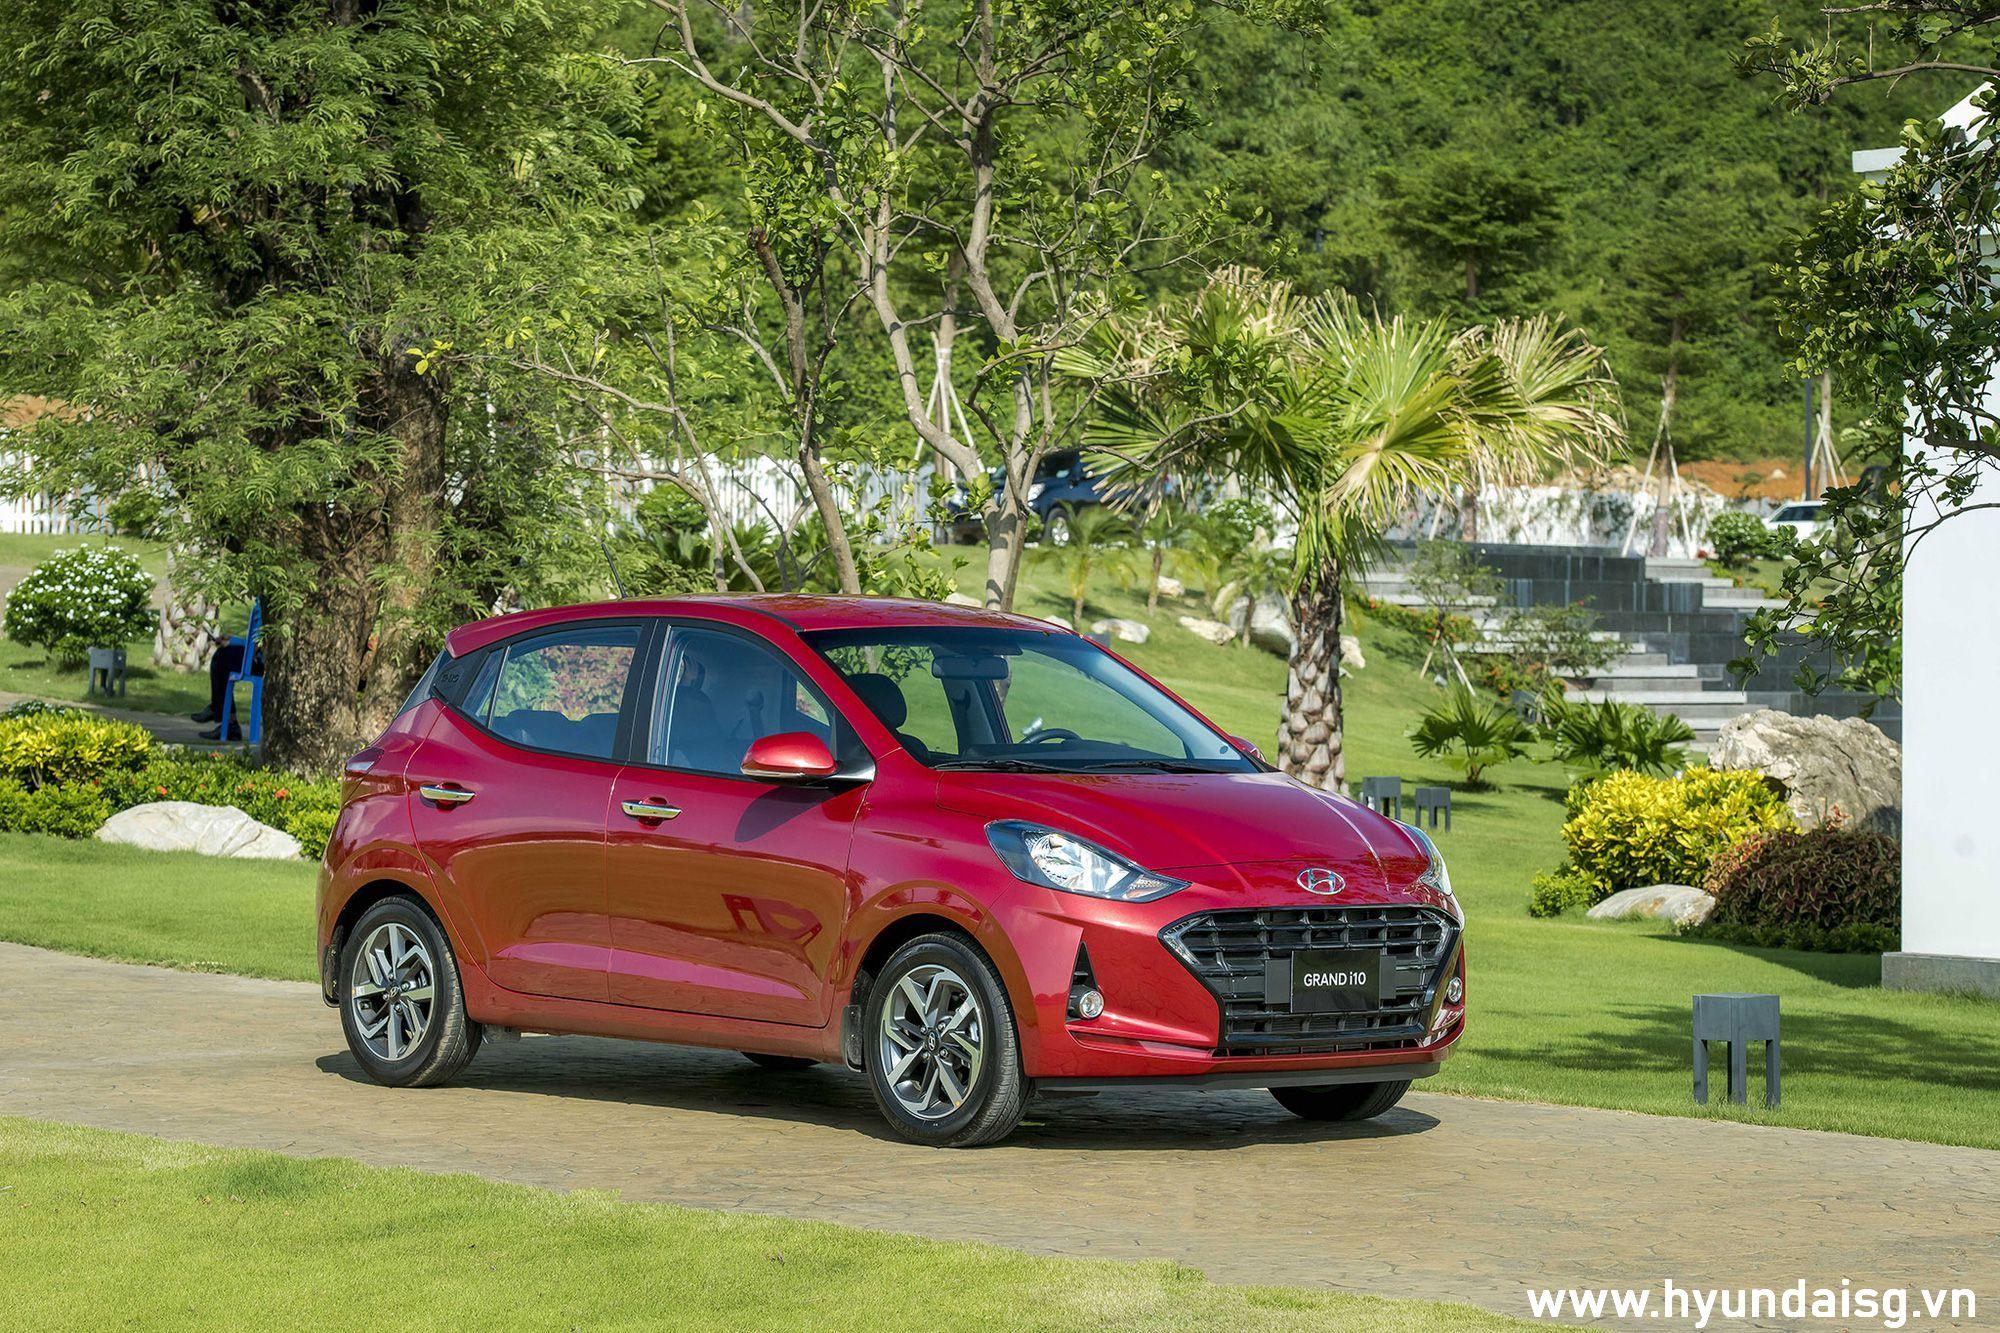 Hình Ảnh Hyundai Grand I10 2021 Chính thức ra mắt tại Việt Nam 13